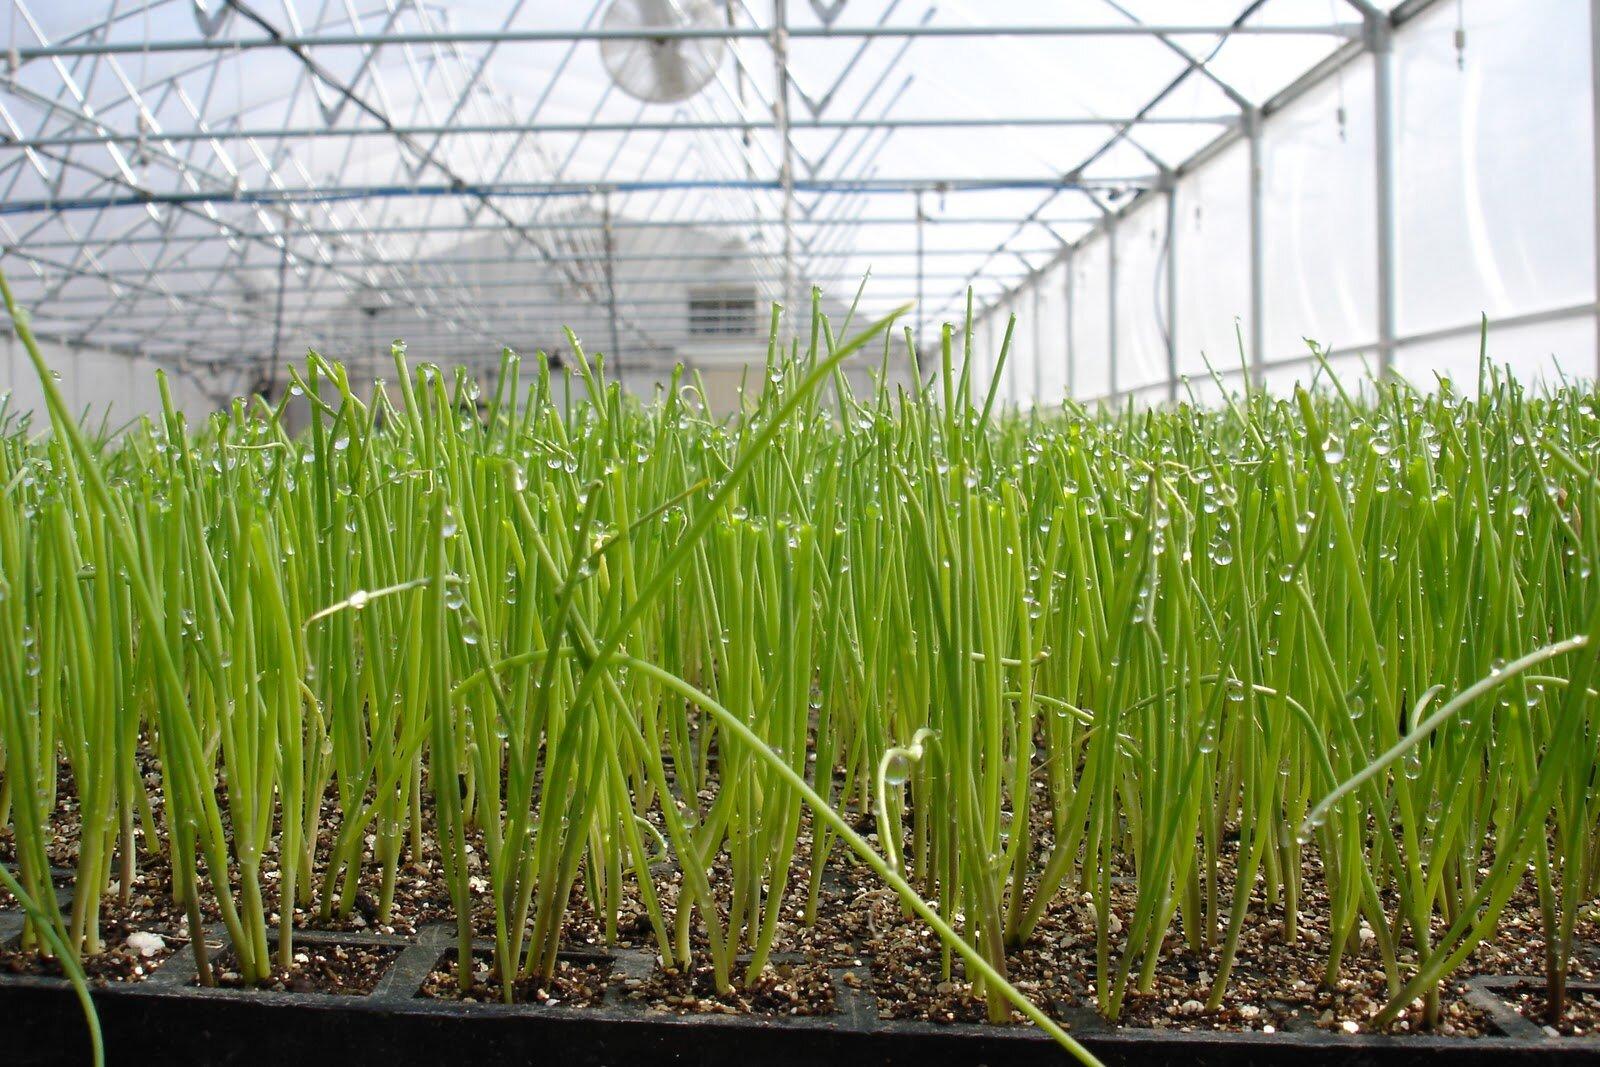 Выращивание зелени в теплице зимой: секреты для 40